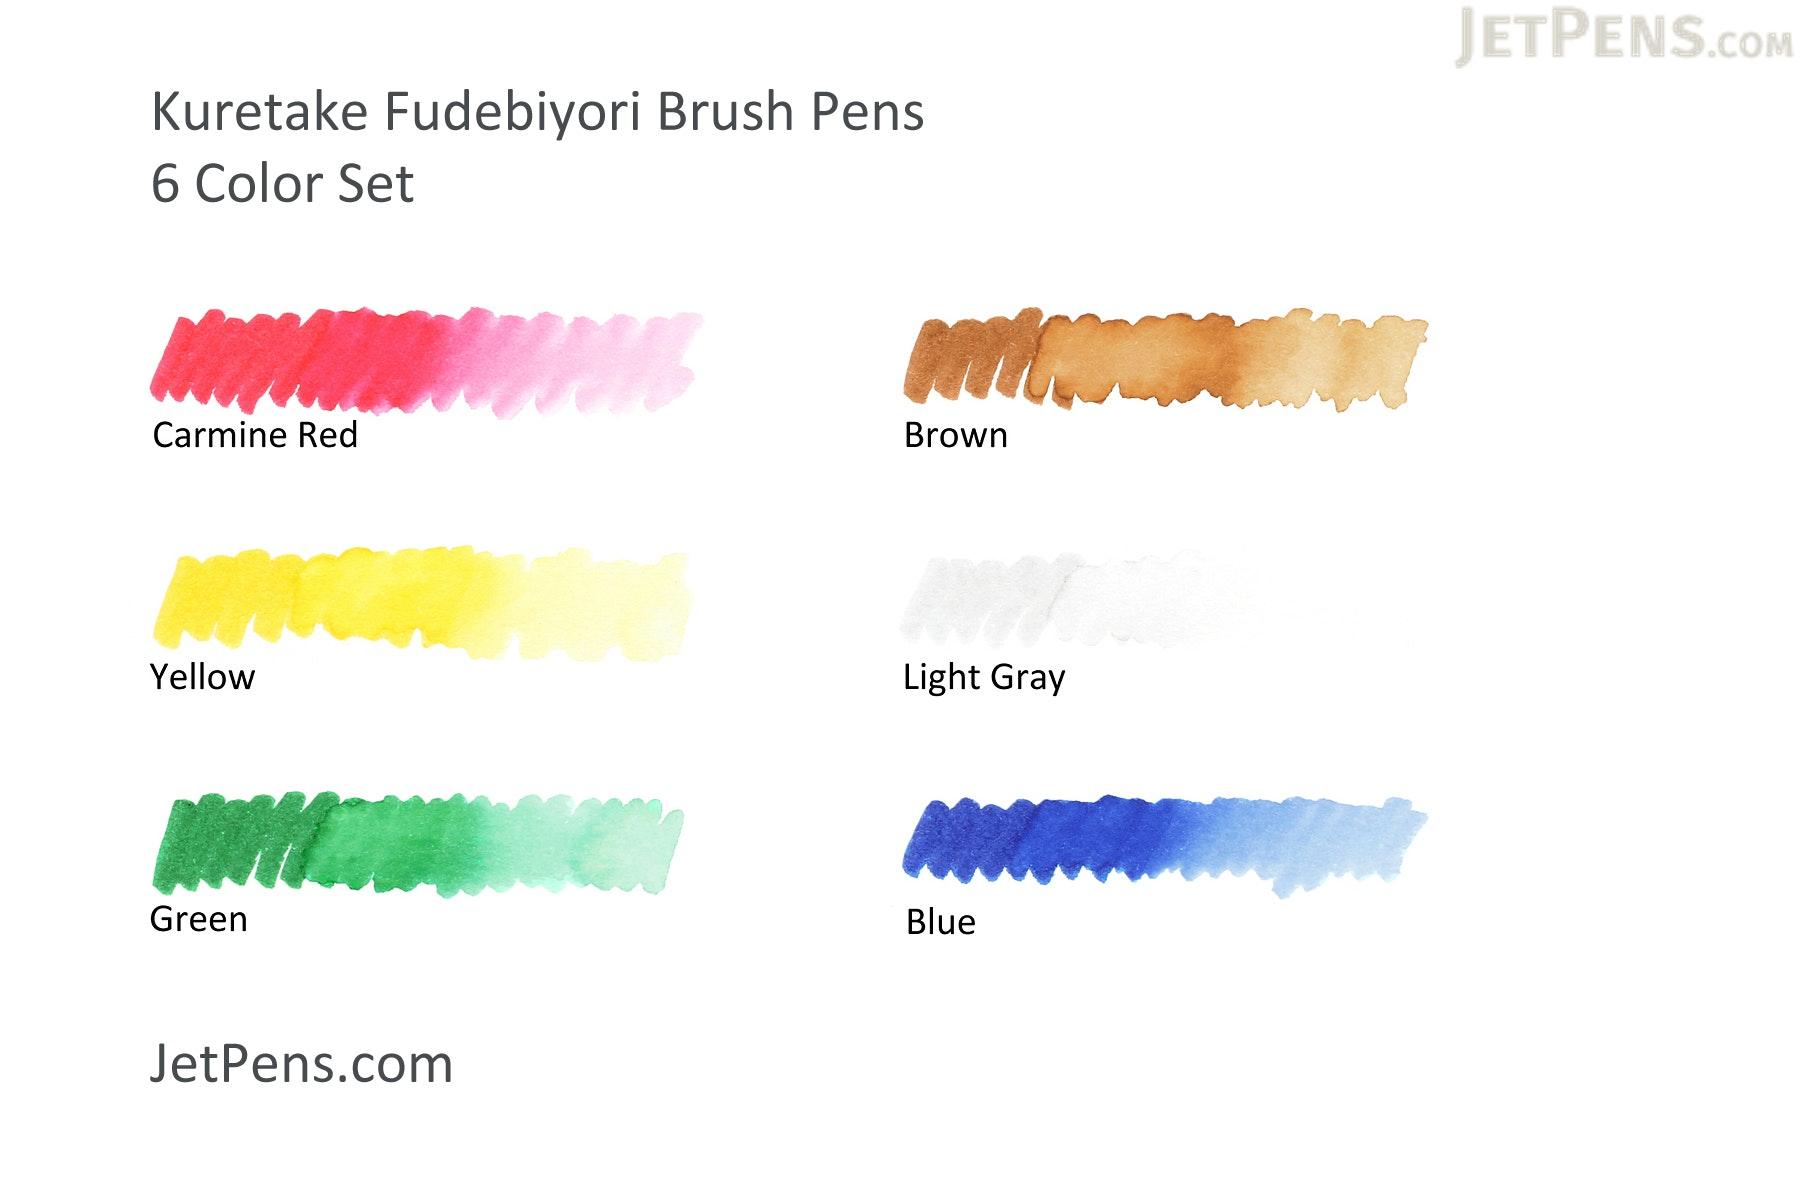 Kuretake Fudebiyori Brush Pen - 6 Color Set - KURETAKE CBK-55-6V